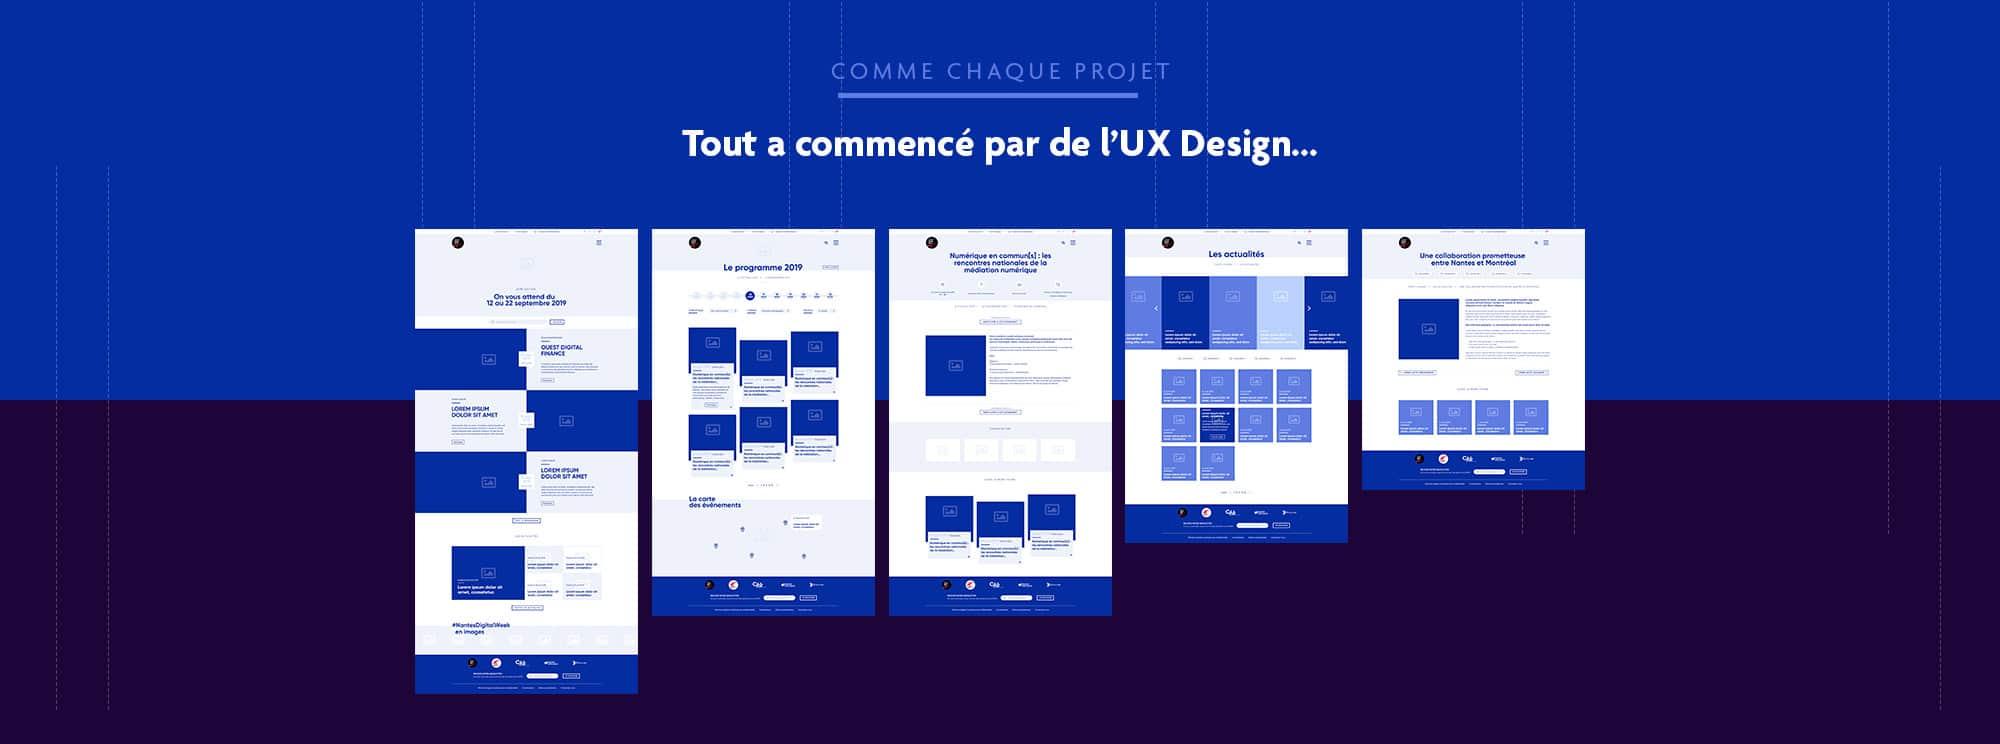 UX Design et ergonomie